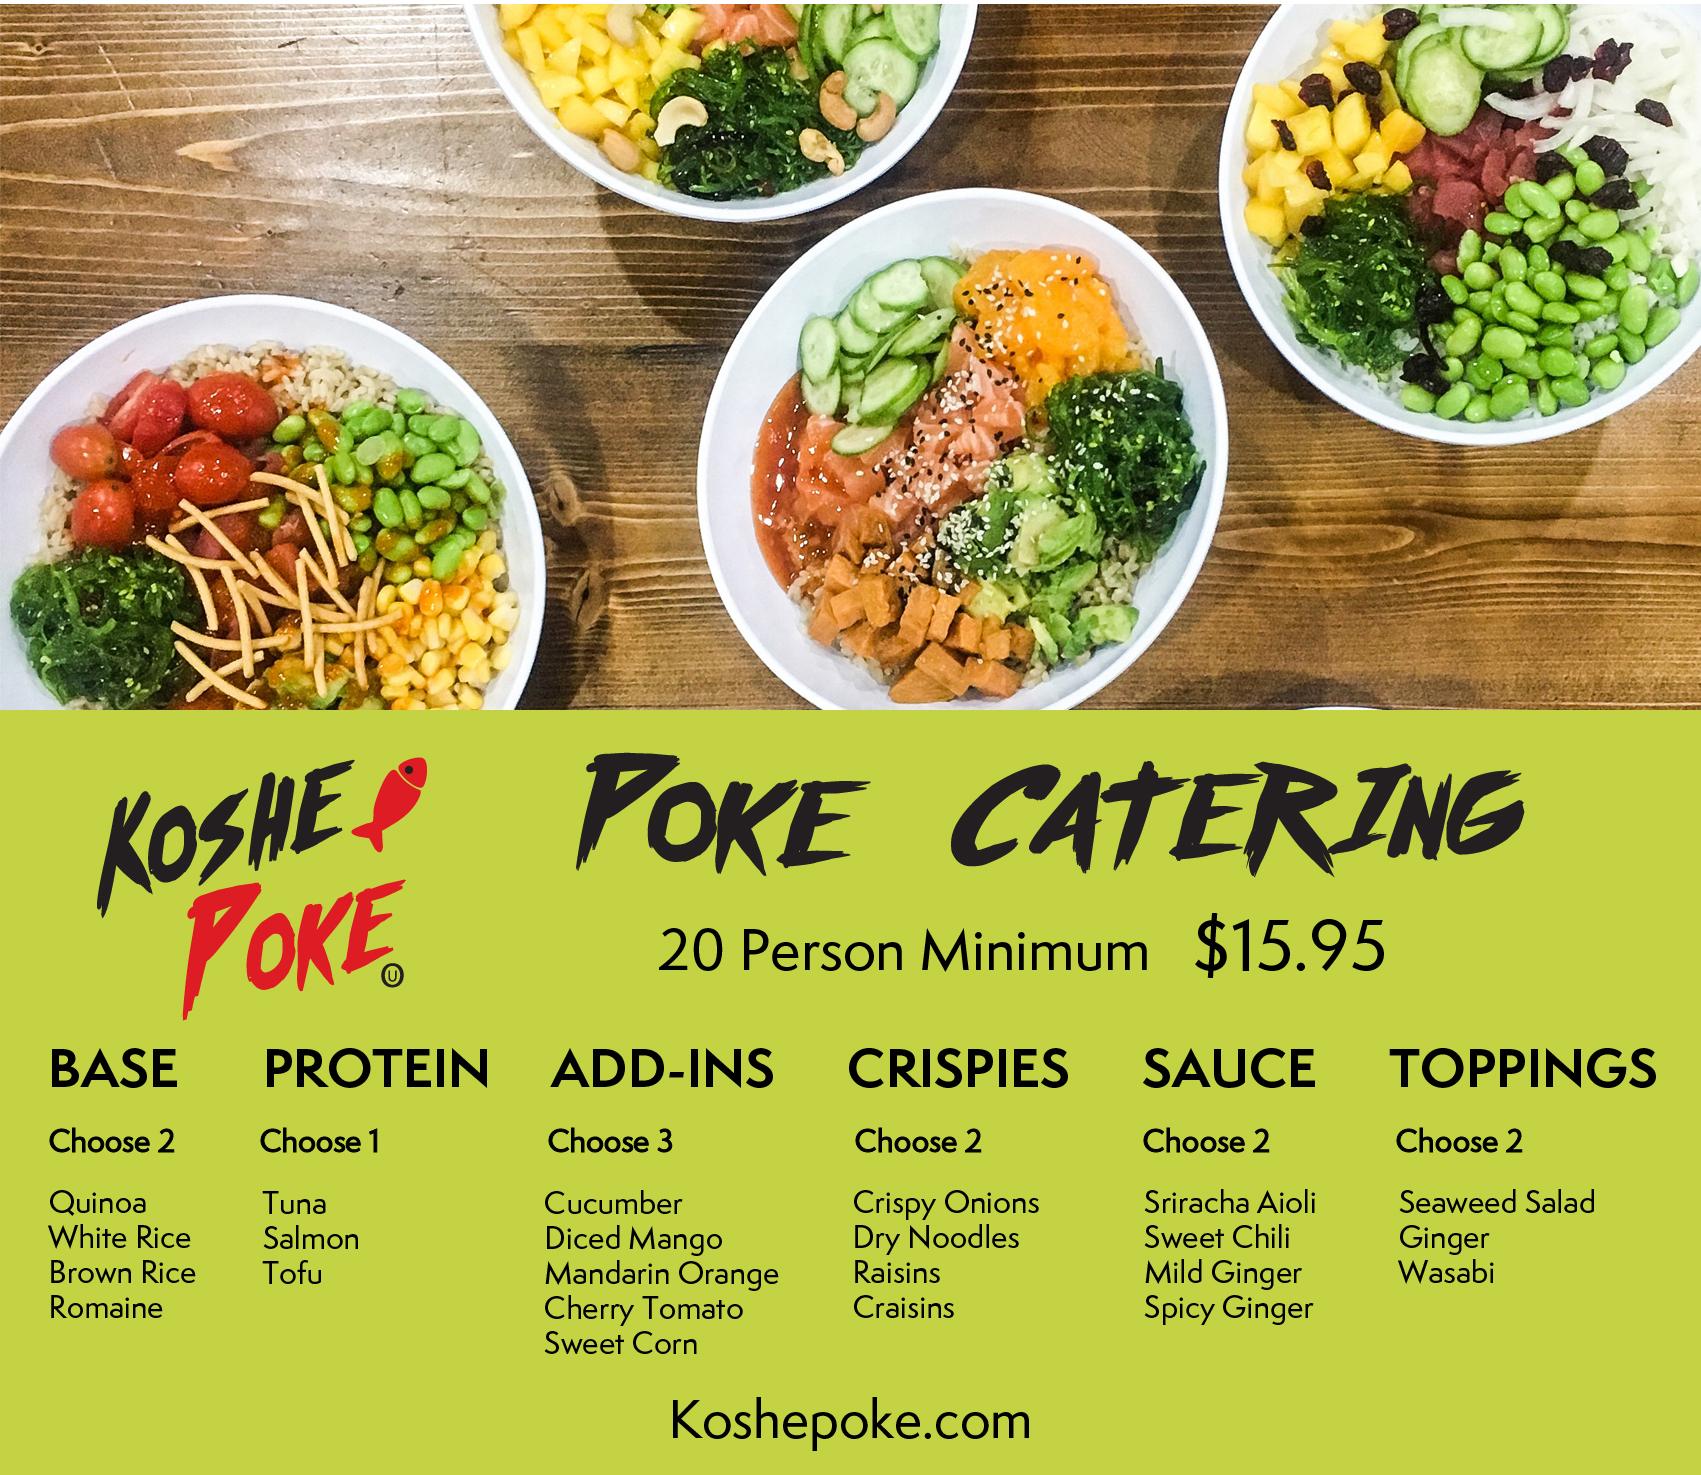 KoshePoke Catering Menu